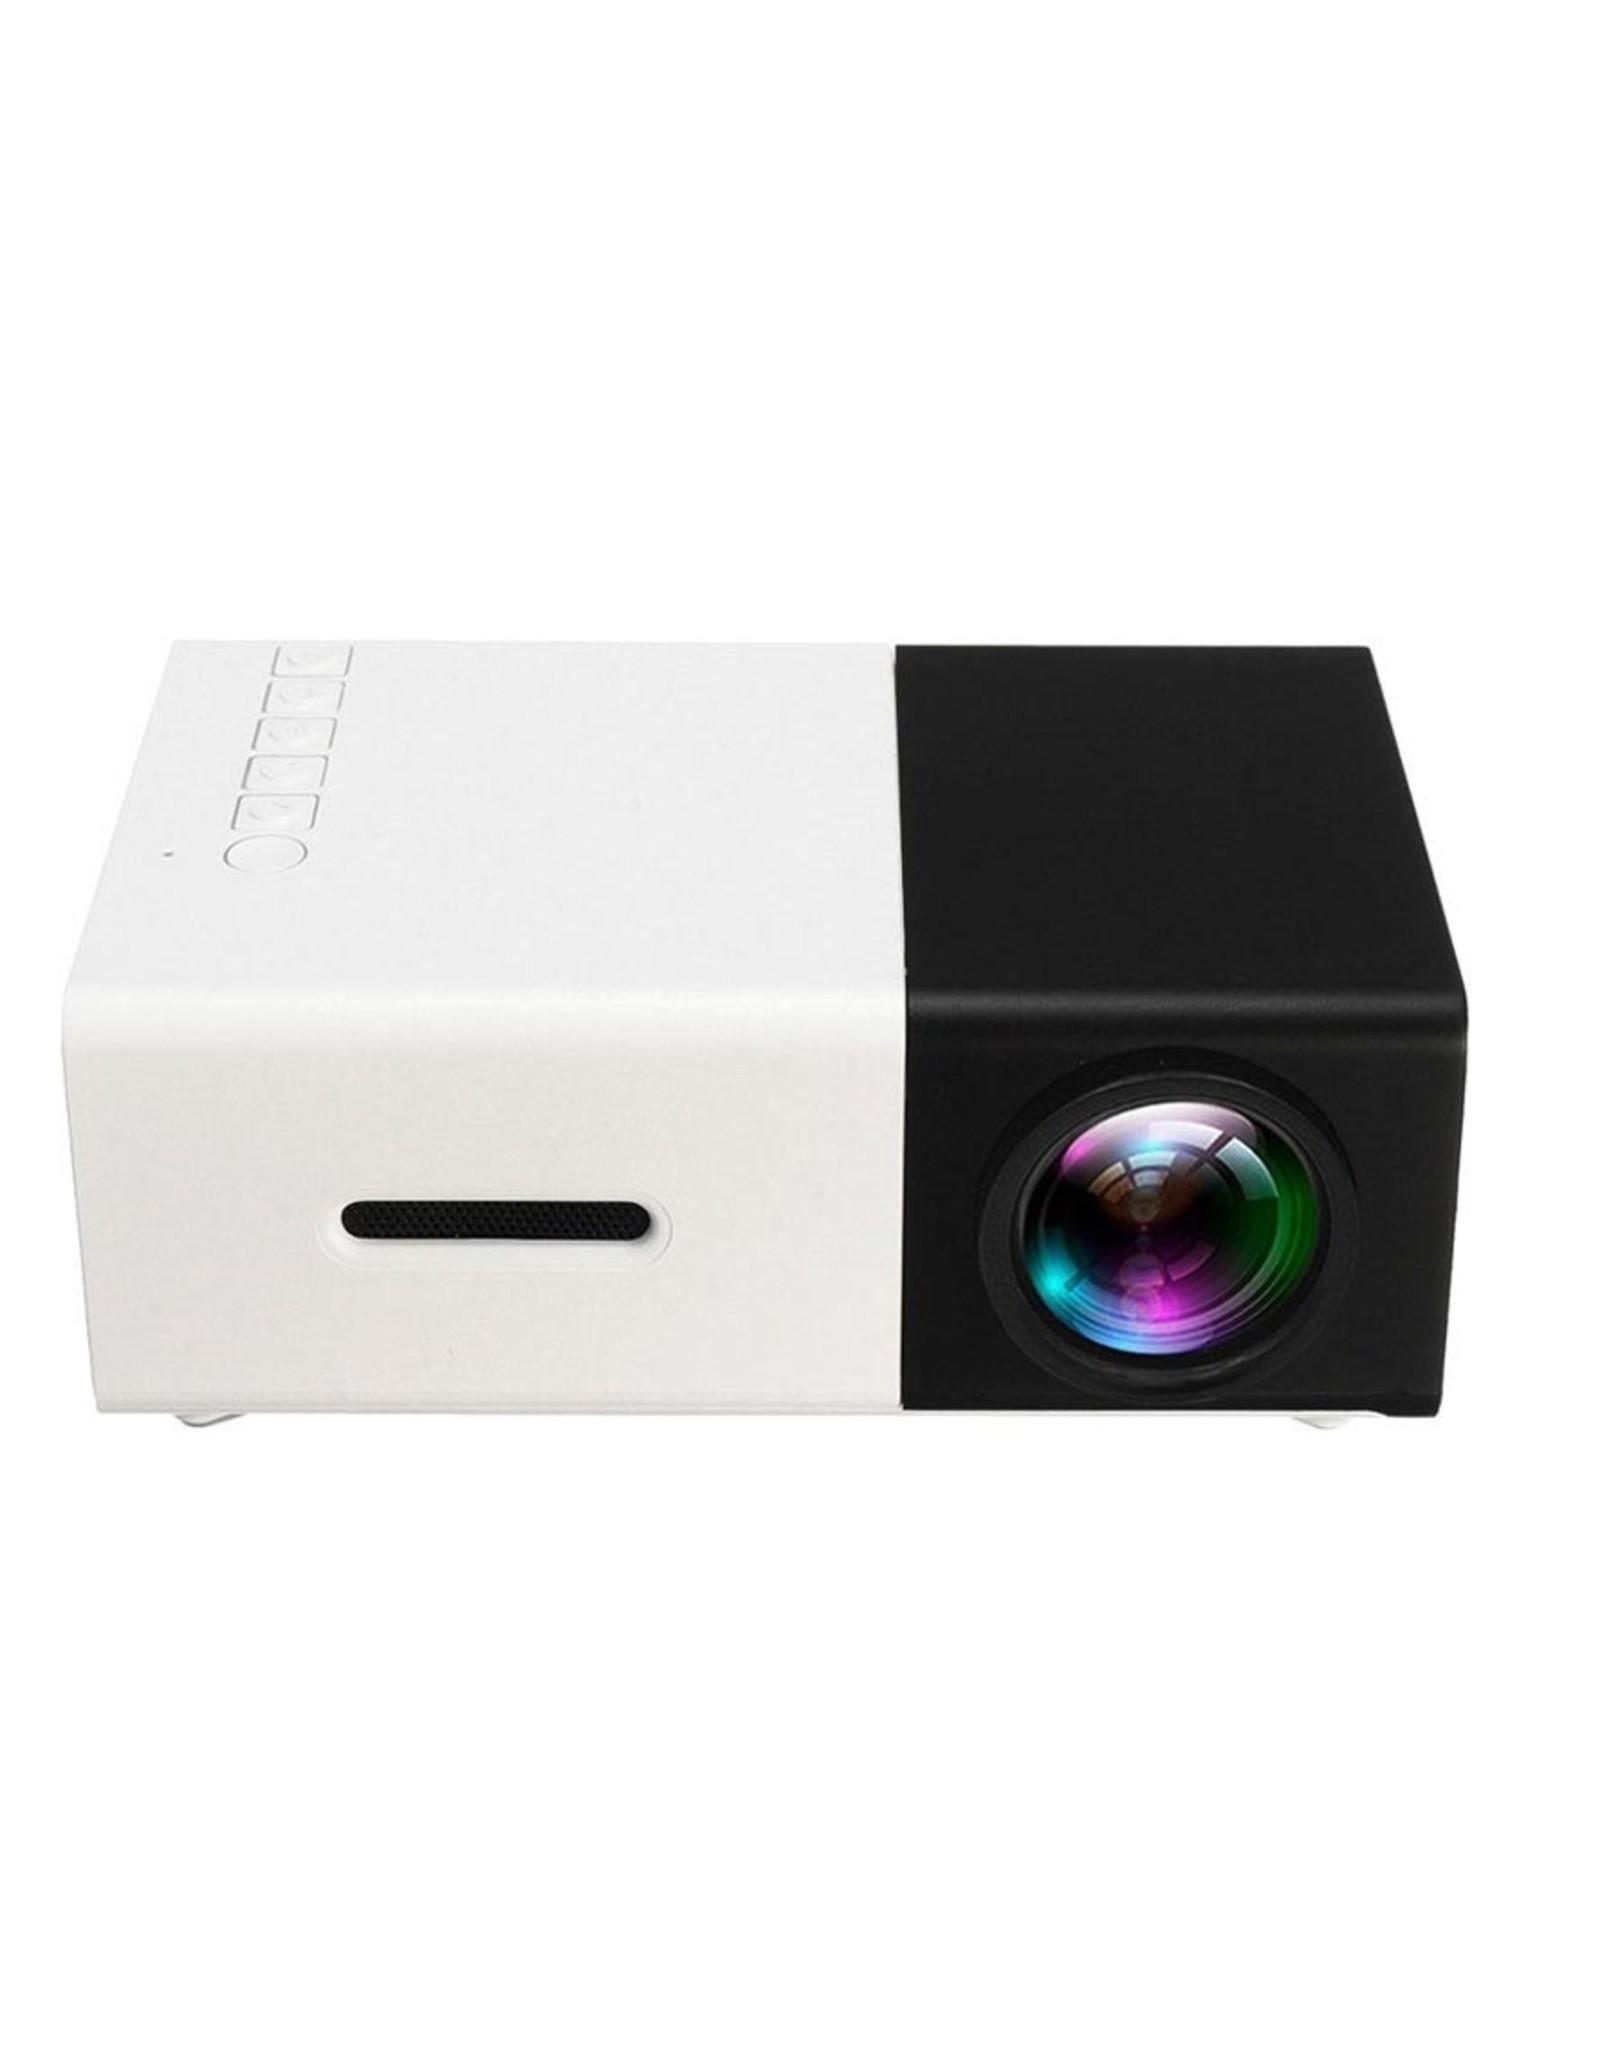 Parya Official Parya Offical - Mini Beamer - Full HD - 1080P - Zwart